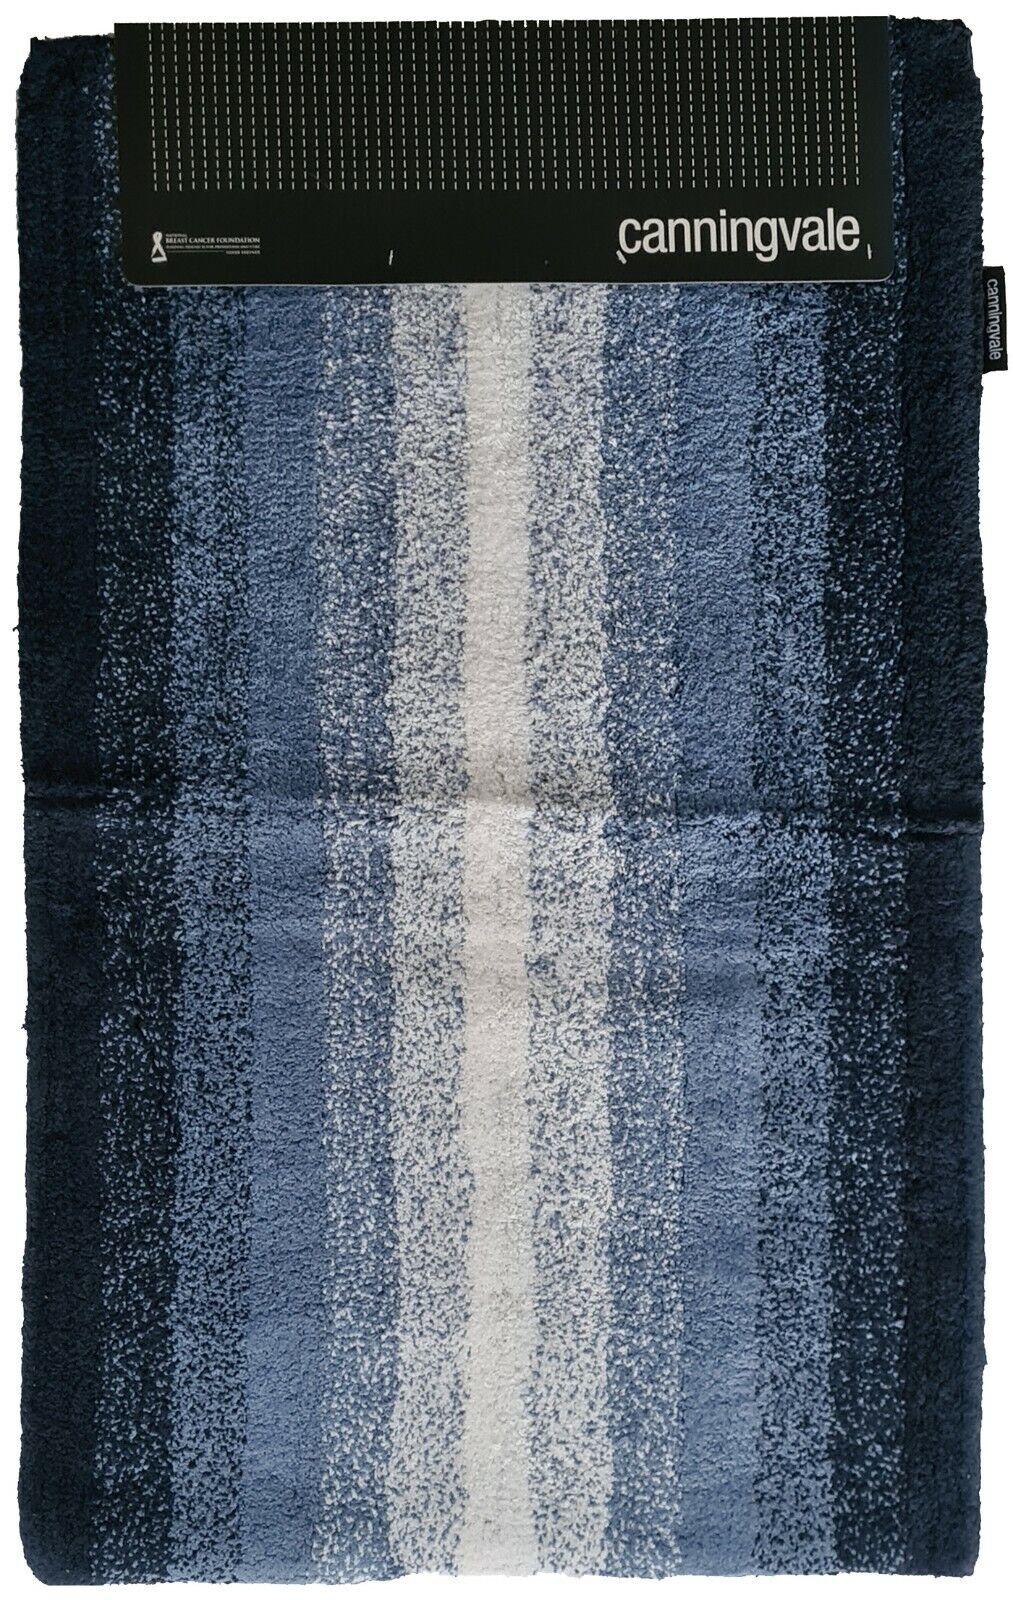 Steel Blue Ombre Decorator Bath Mat by Canningvale Large 55 x 85cm   100% Cotton